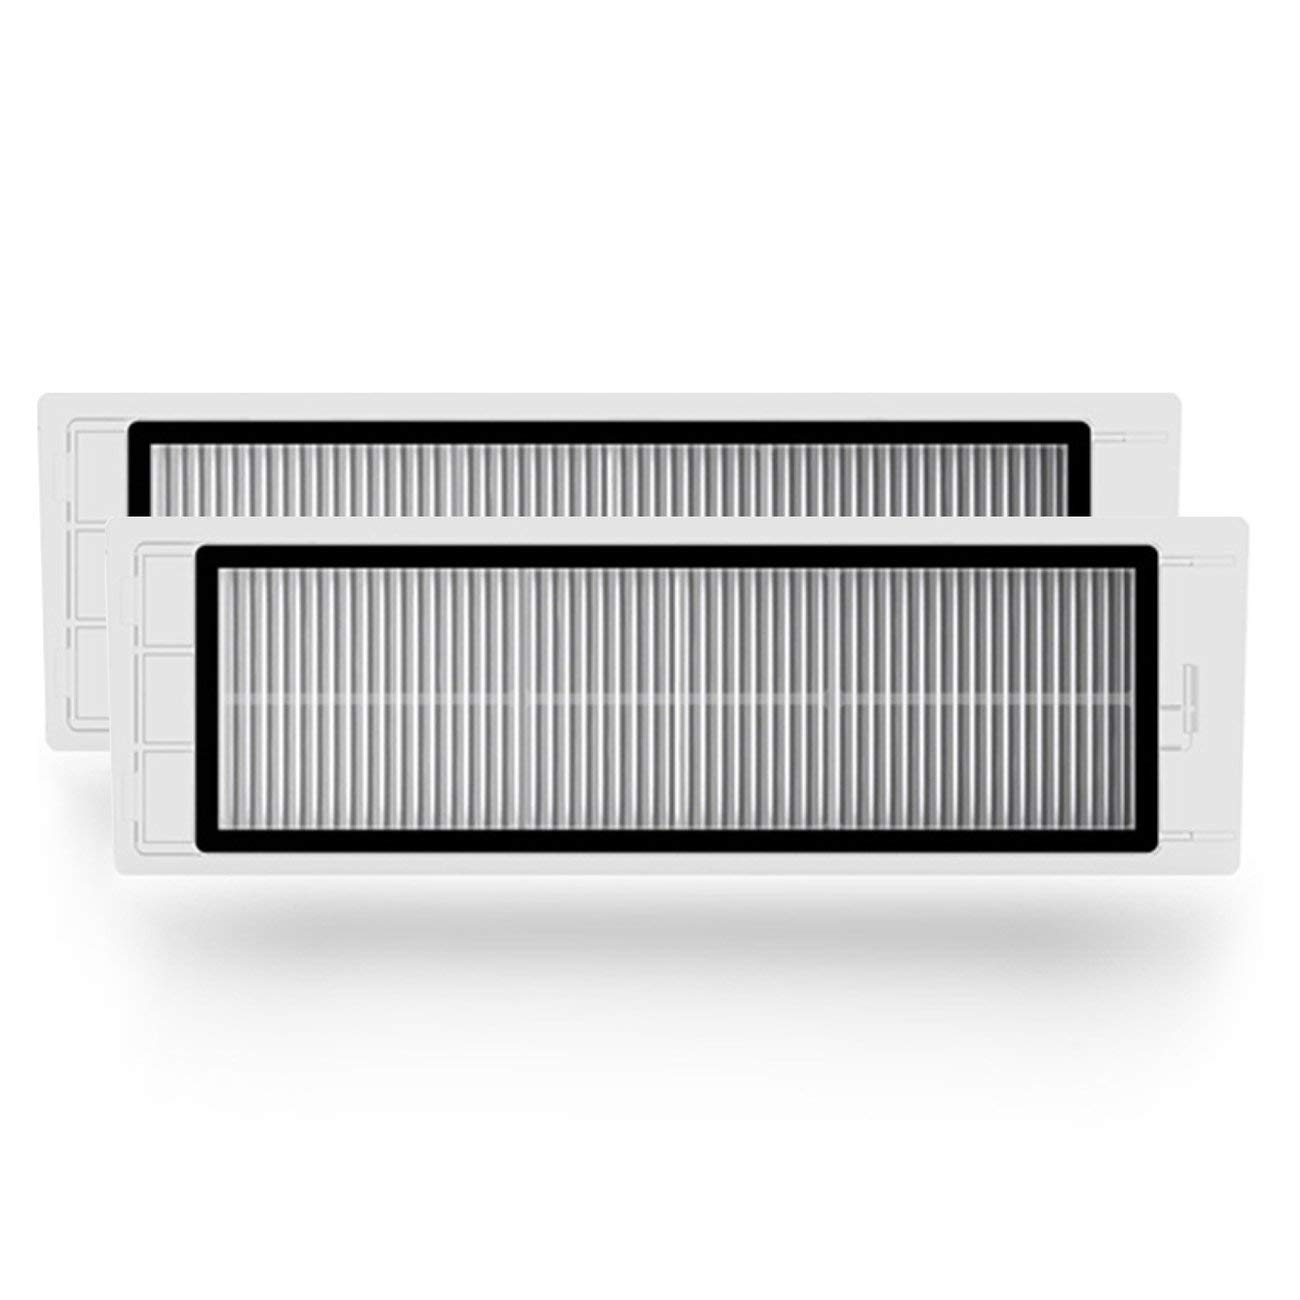 Jiobapiongxin 2 unids Xiaomi Robot Vacuum Filter HEPA Filtro Aspirador Piezas de Repuesto: Amazon.es: Hogar